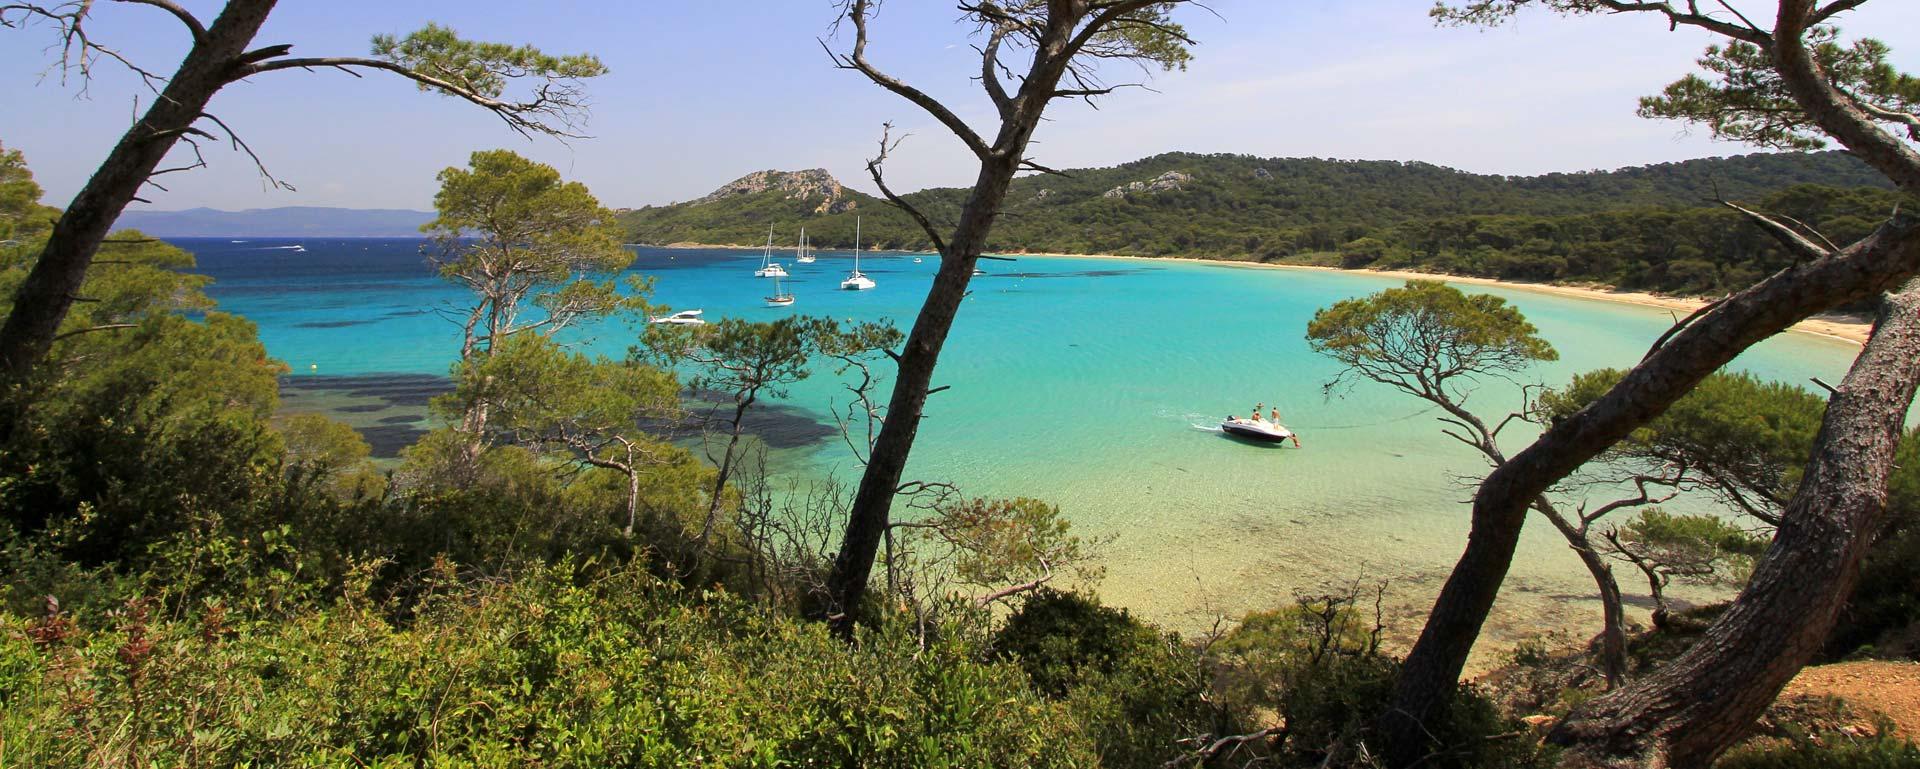 Plages bord de mer les plus belles plages du var proche for Camping martigues avec piscine bord mer